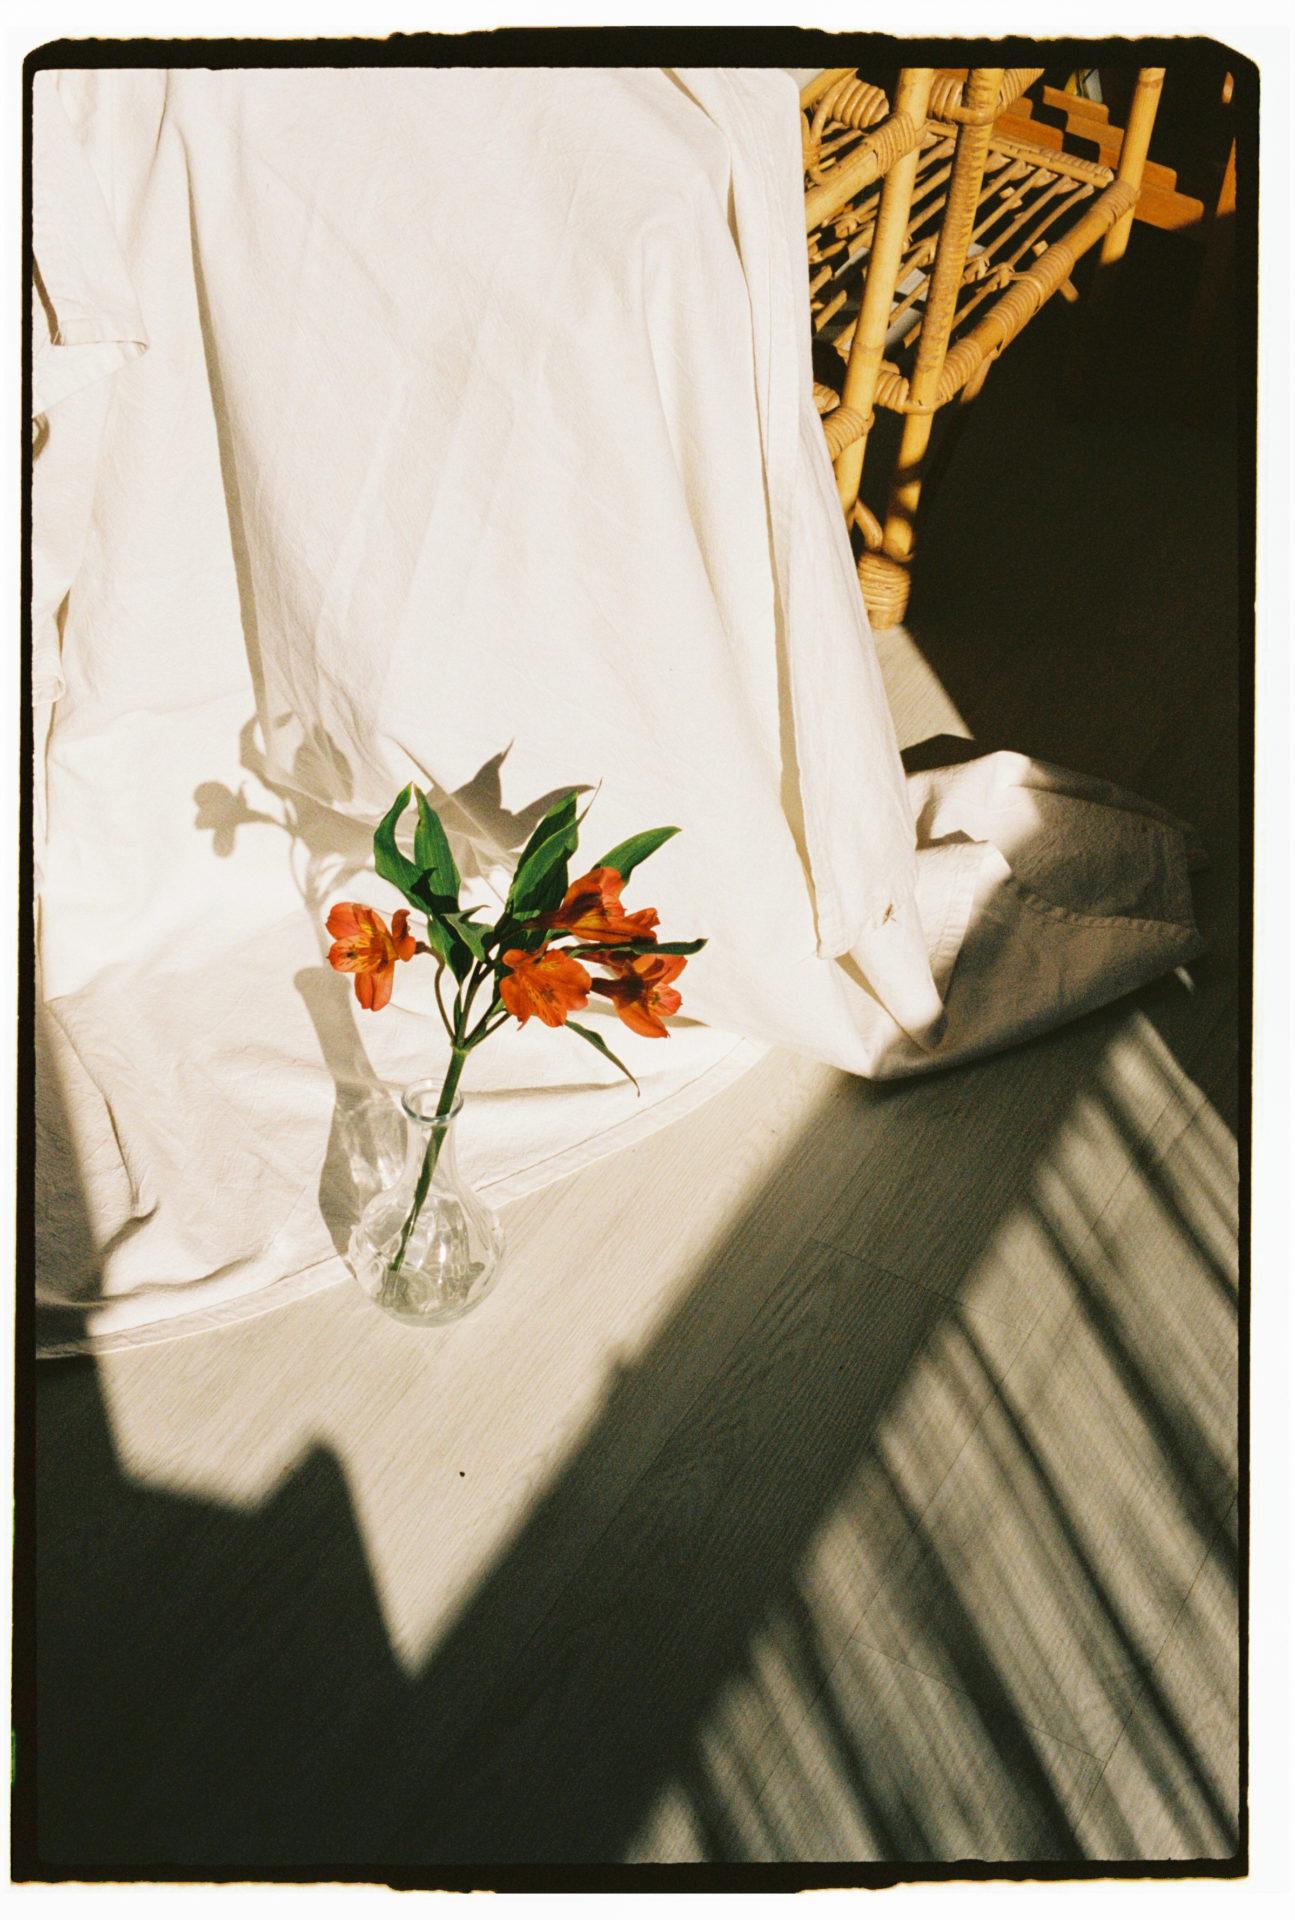 tige de fleur rouge devant un drap blanc avec un jeu d'ombre